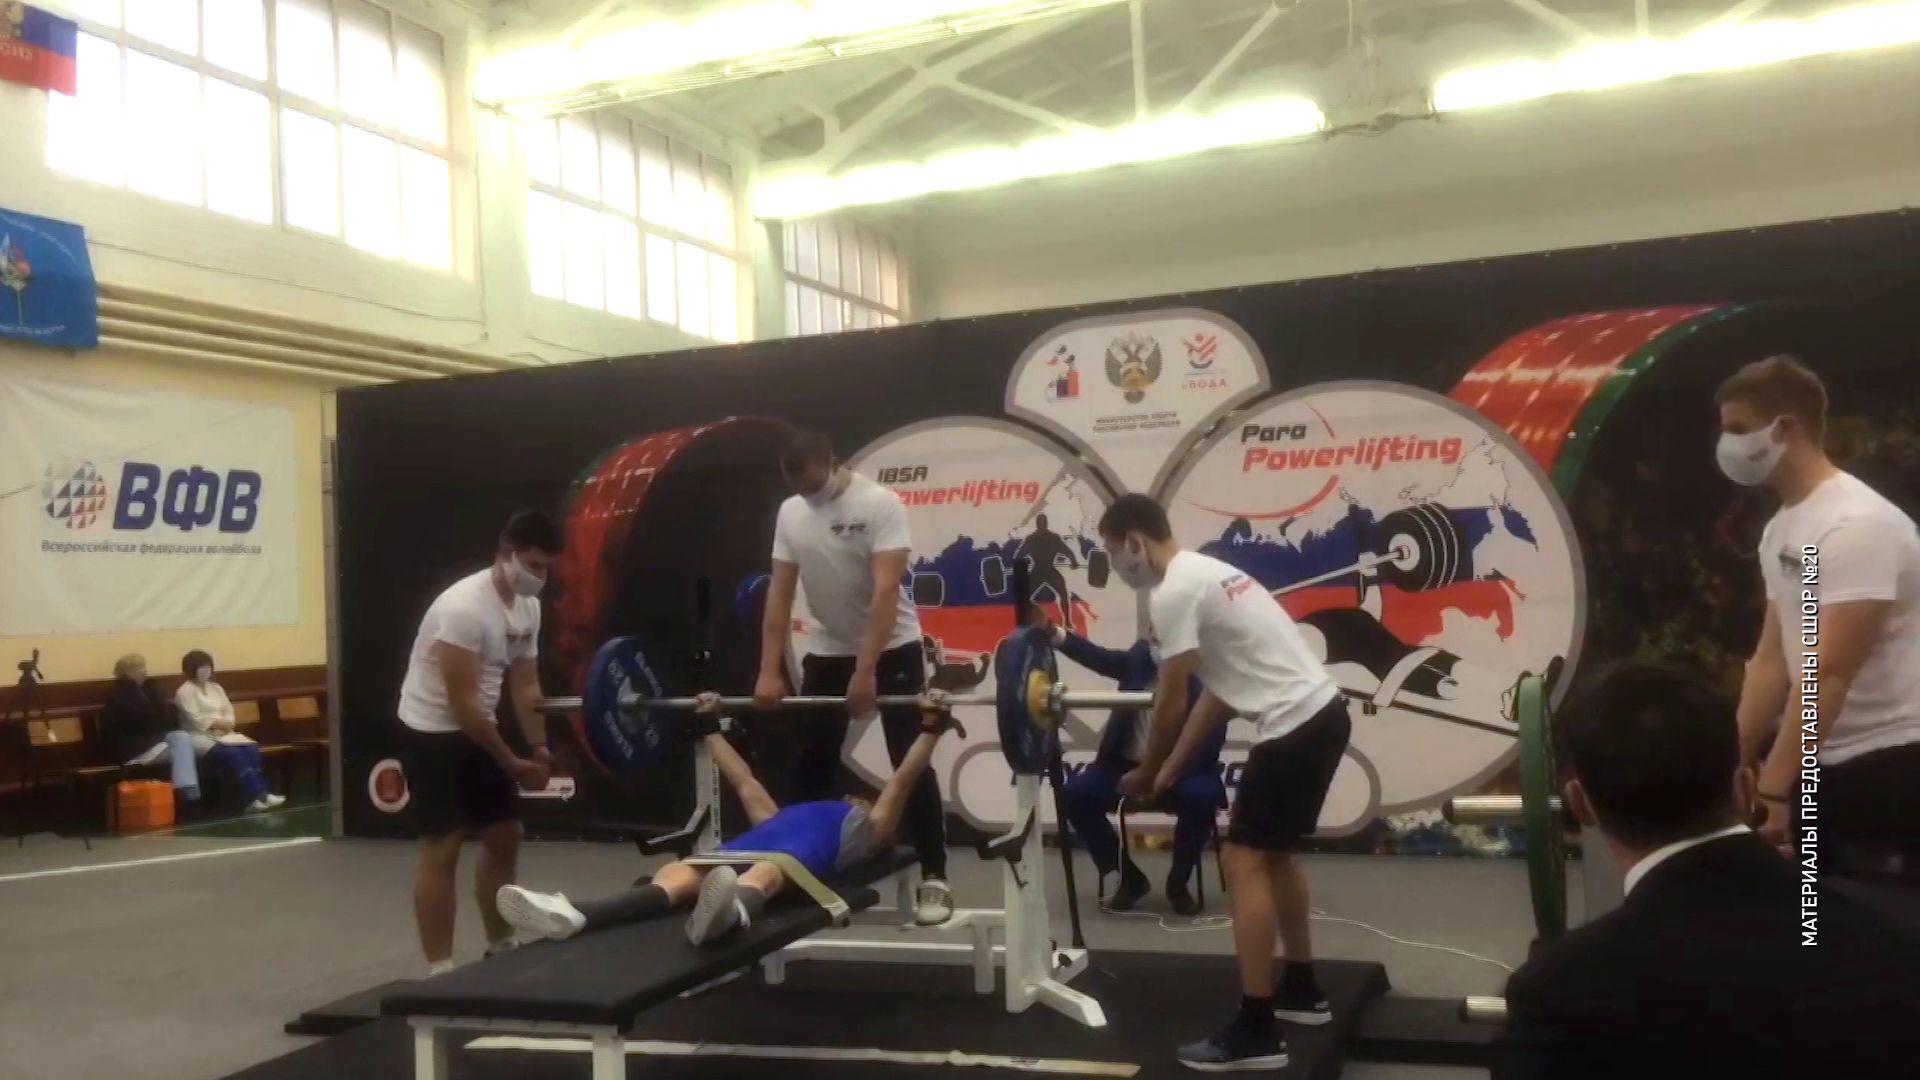 Ярославна выиграла серебро Кубка России по пауэрлифтингу среди спортсменов с поражением опорно-двигательного аппарата